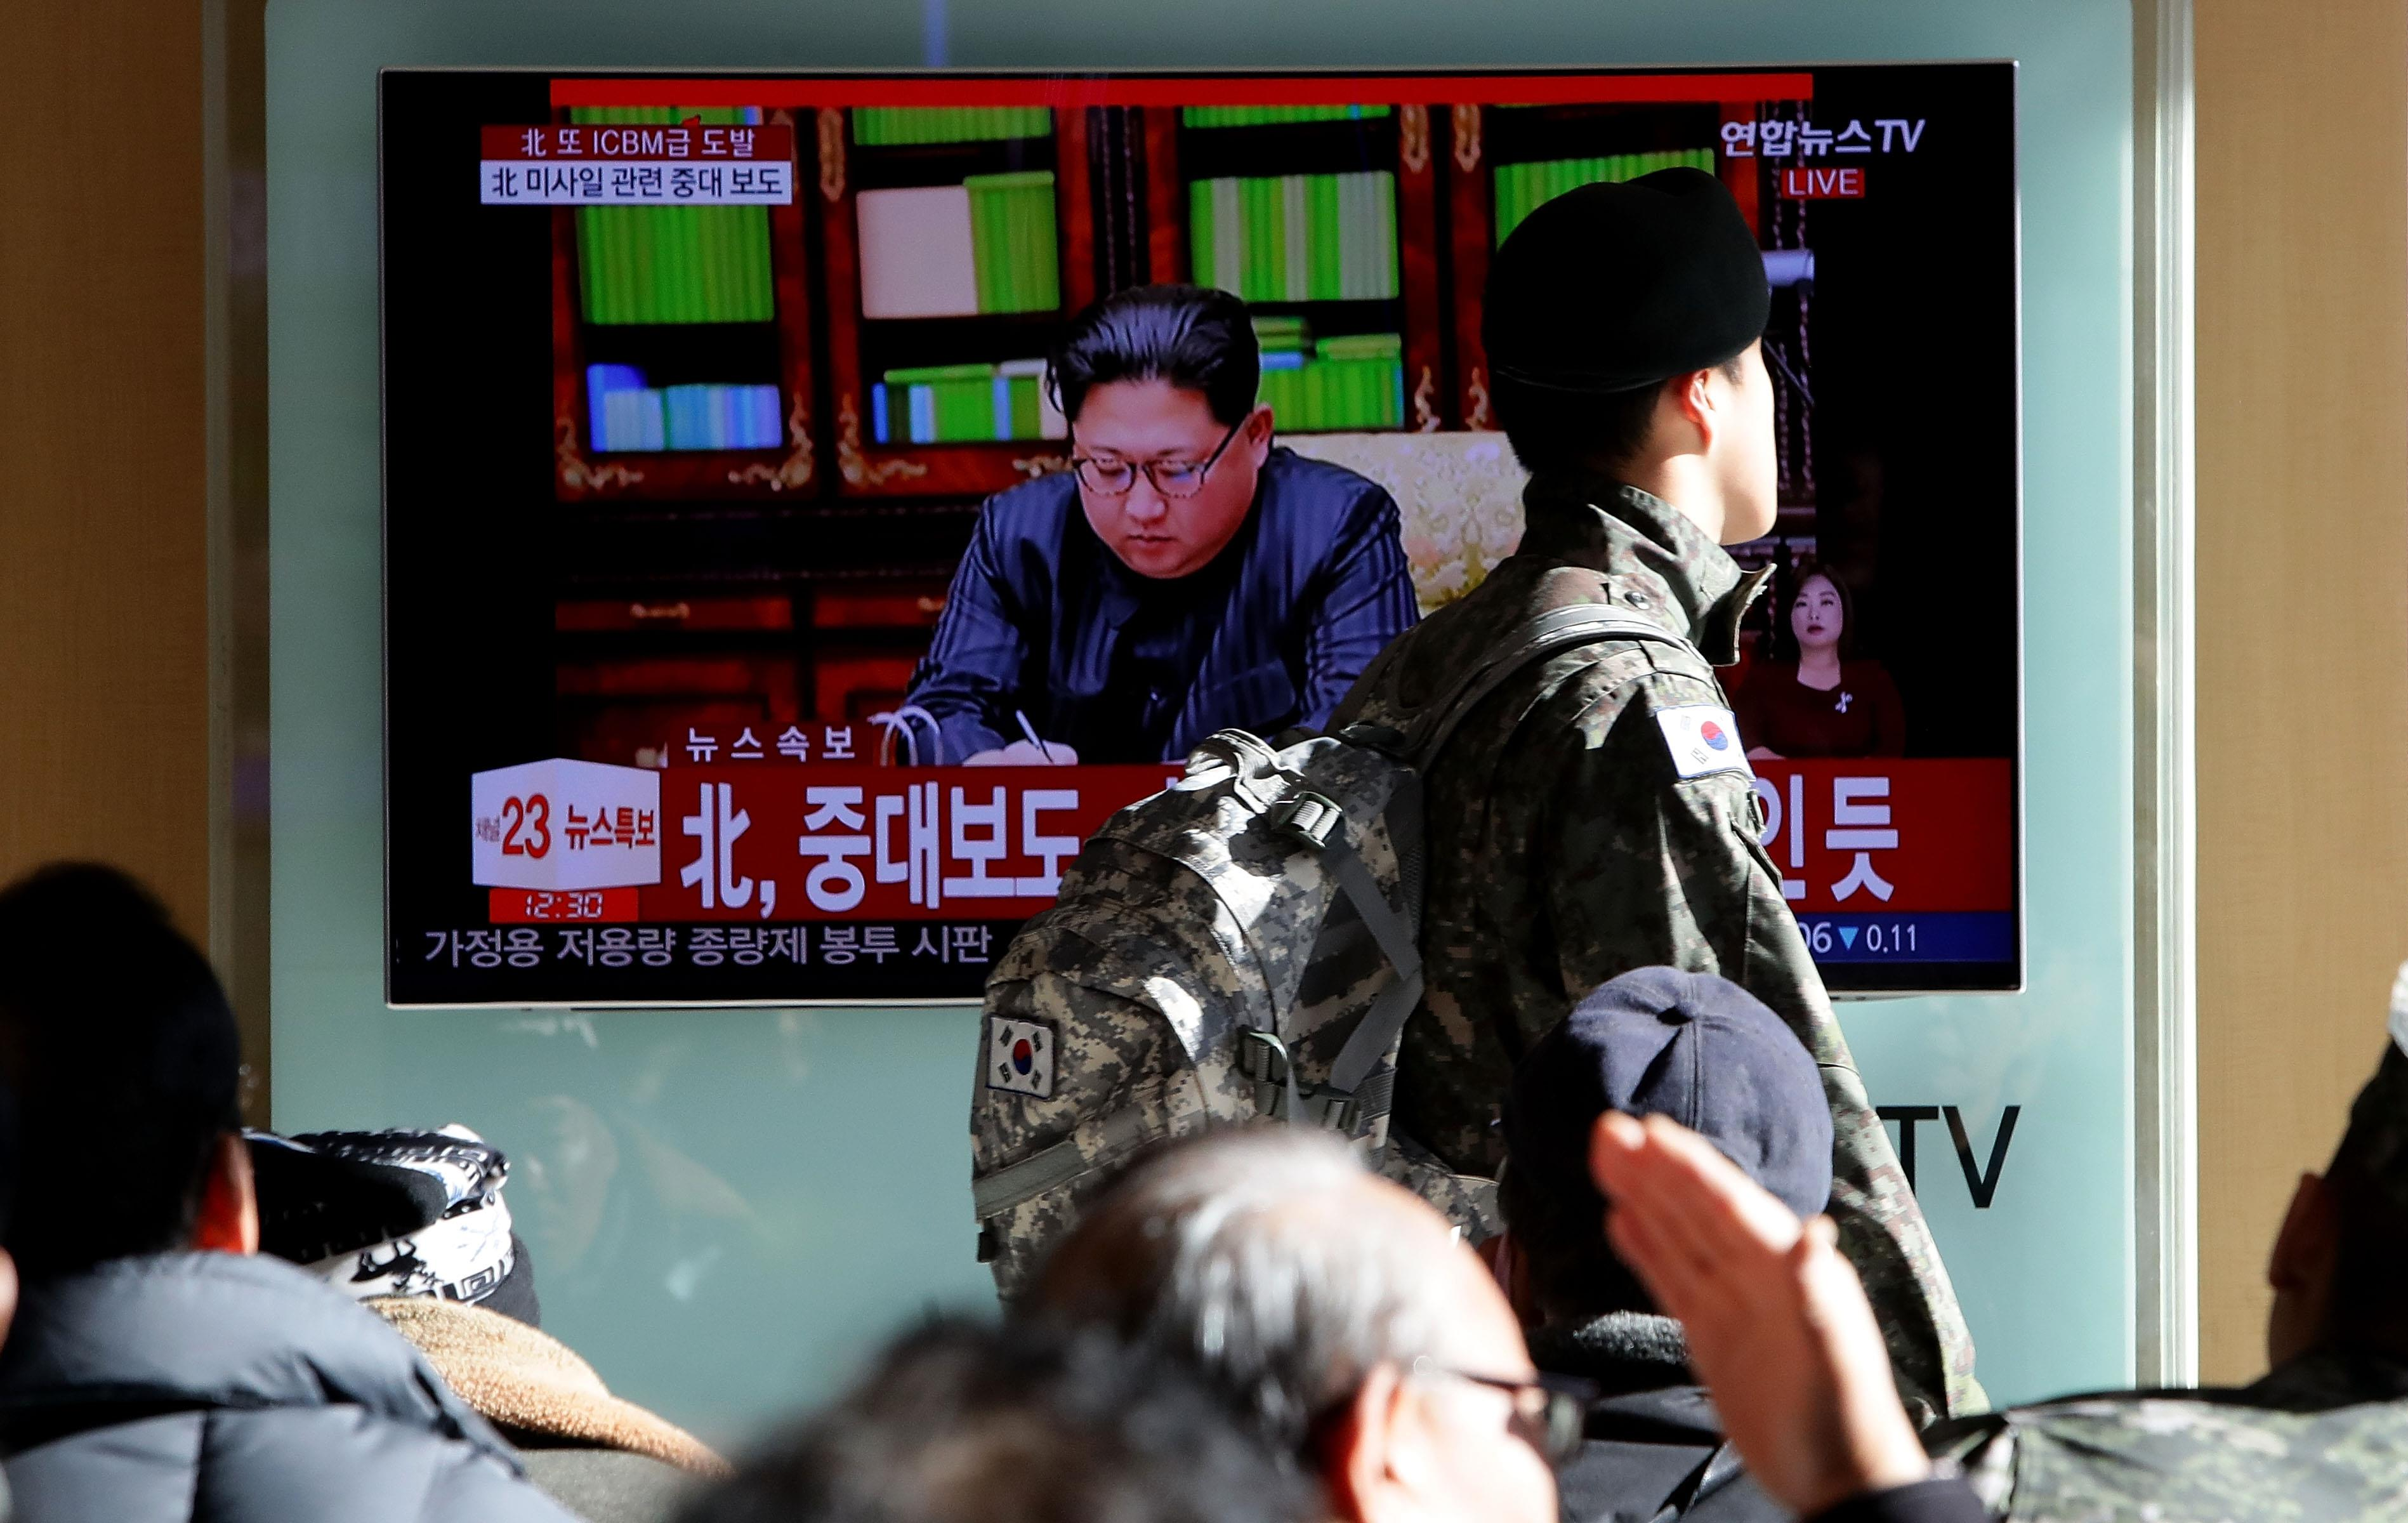 знакомства с иностранцами южная корея